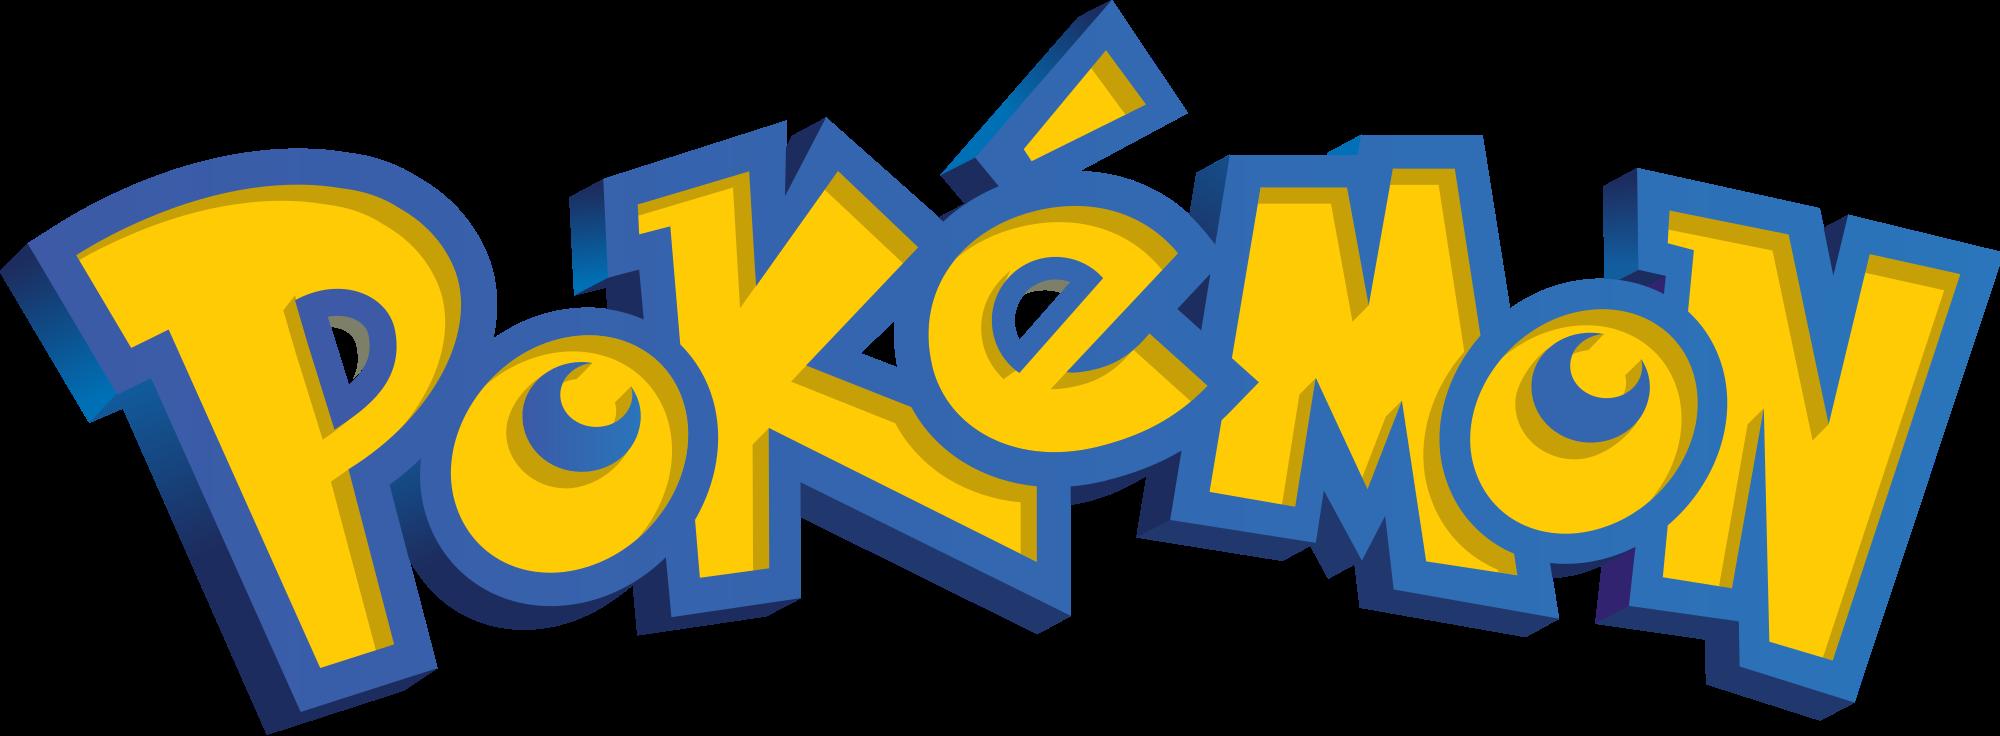 Actualités mensuelles, Pokémon